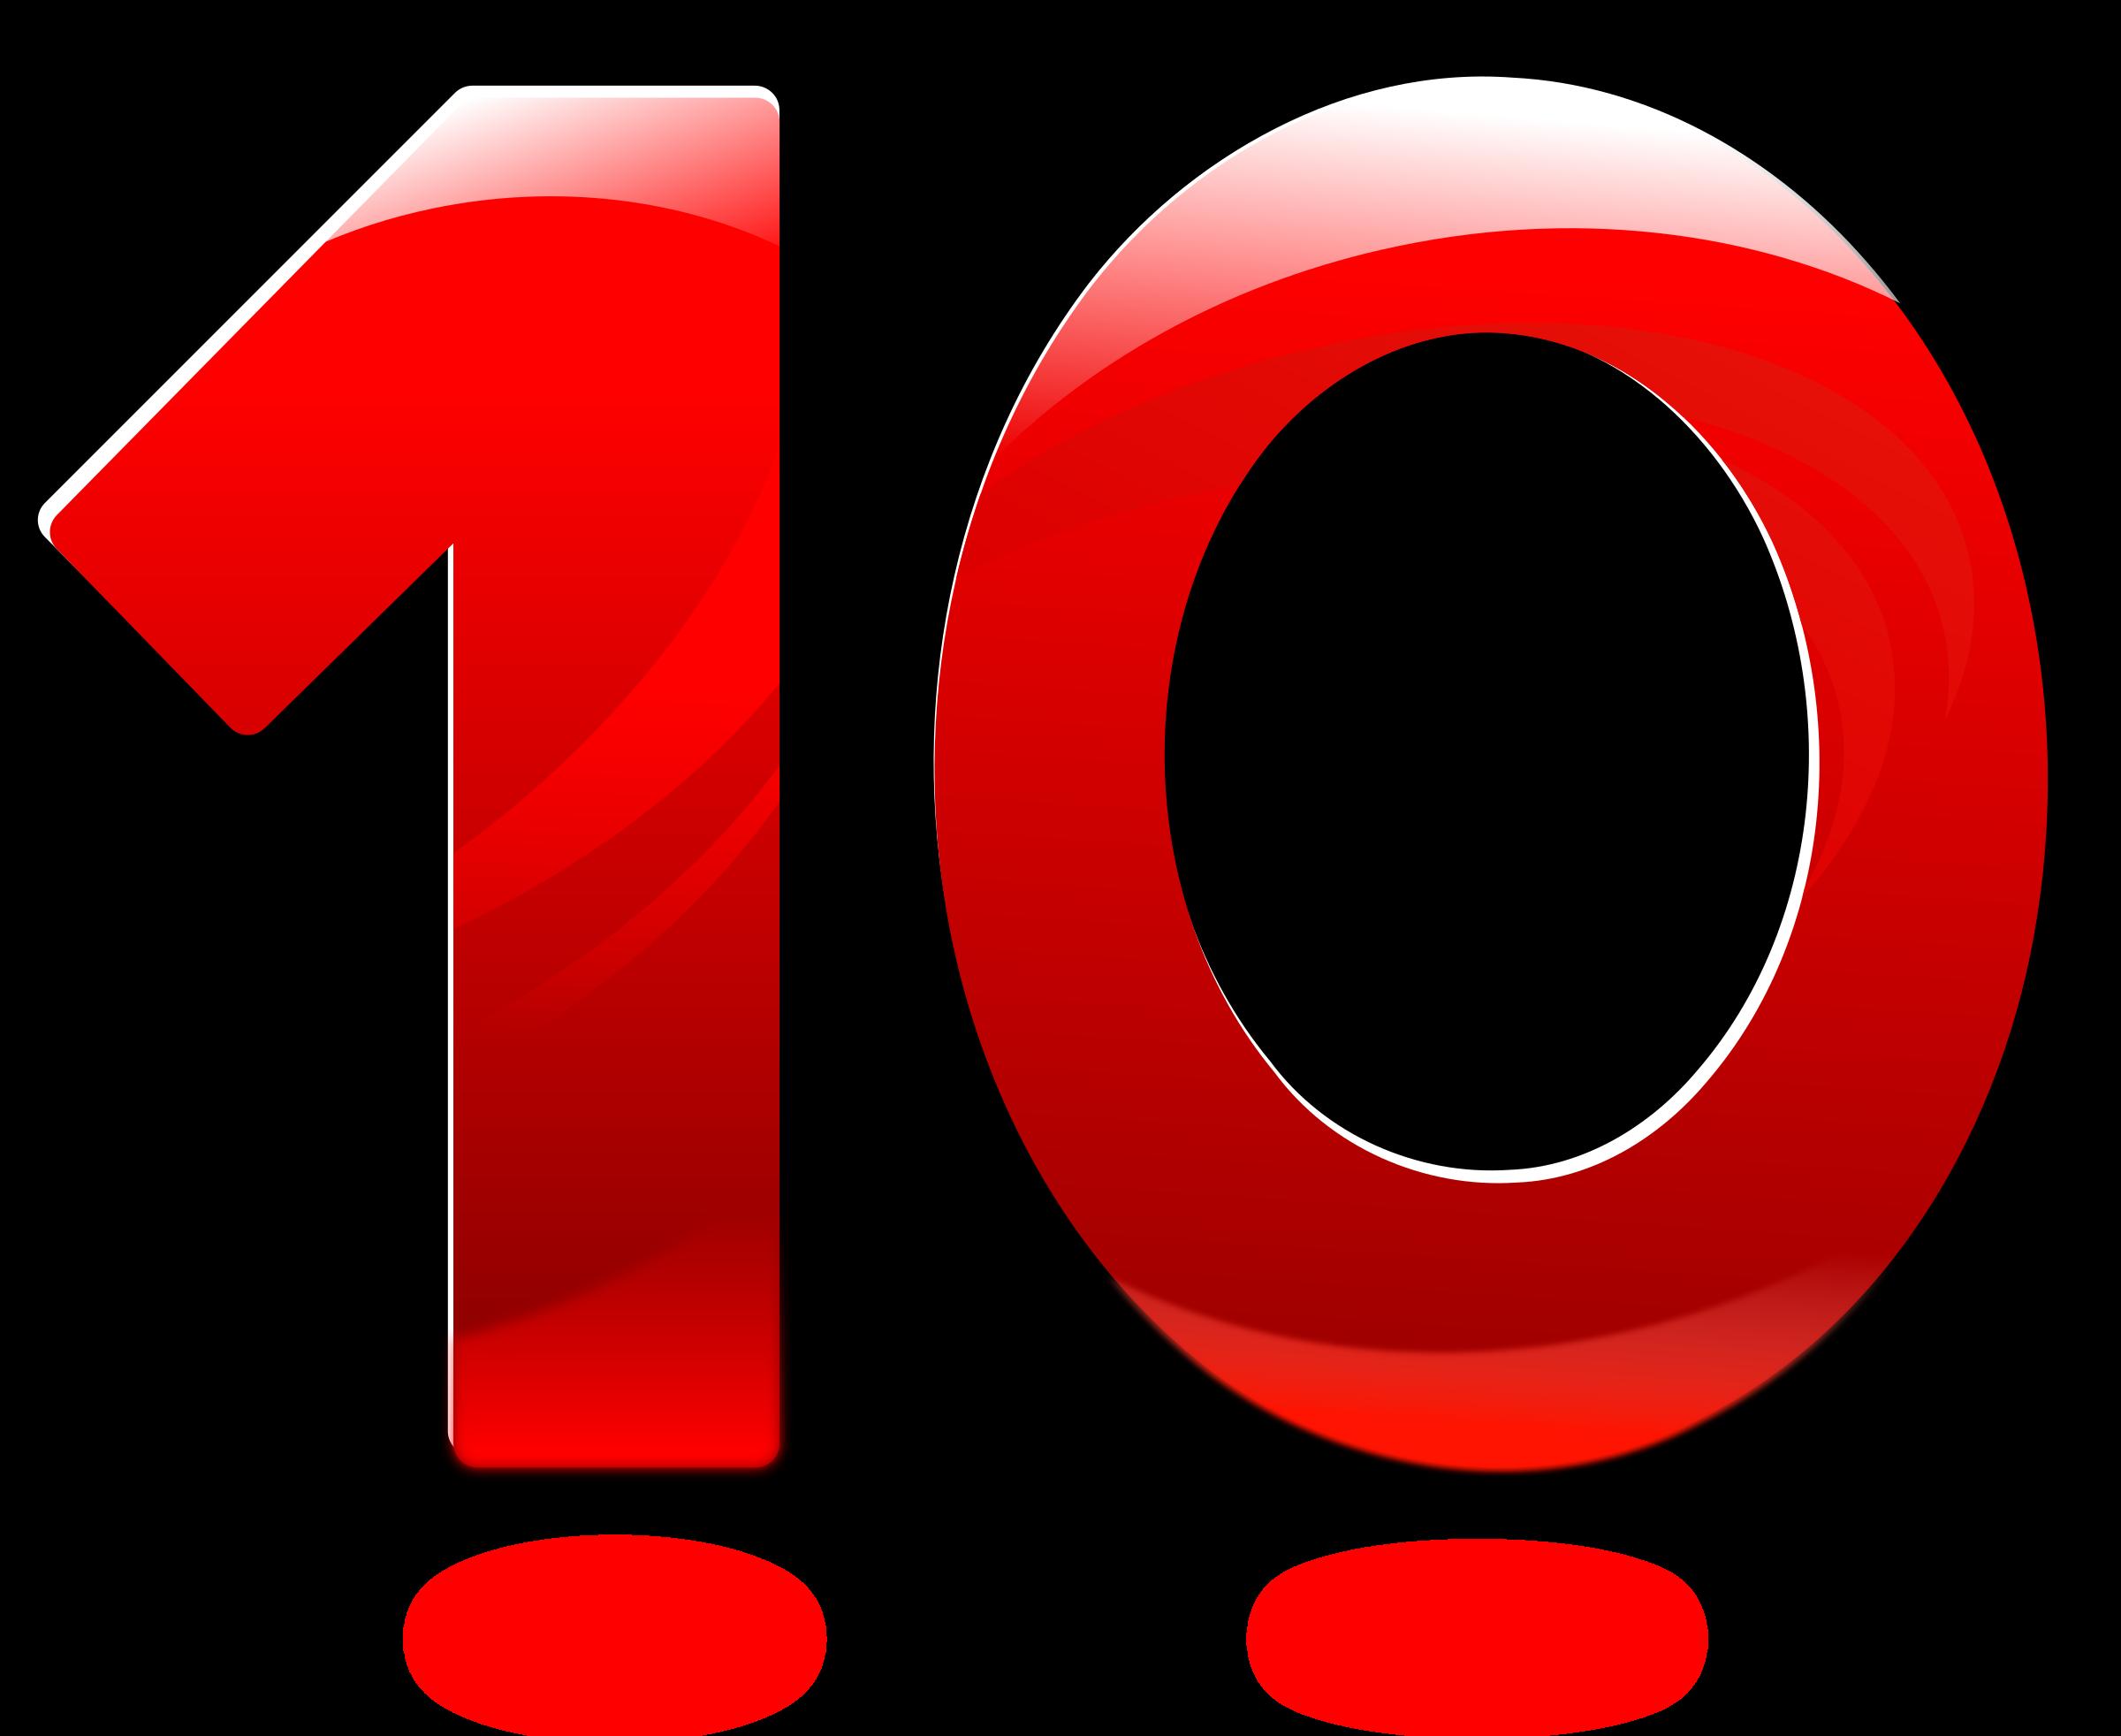 Number clipart number ten Number Glossy Ten Number Ten